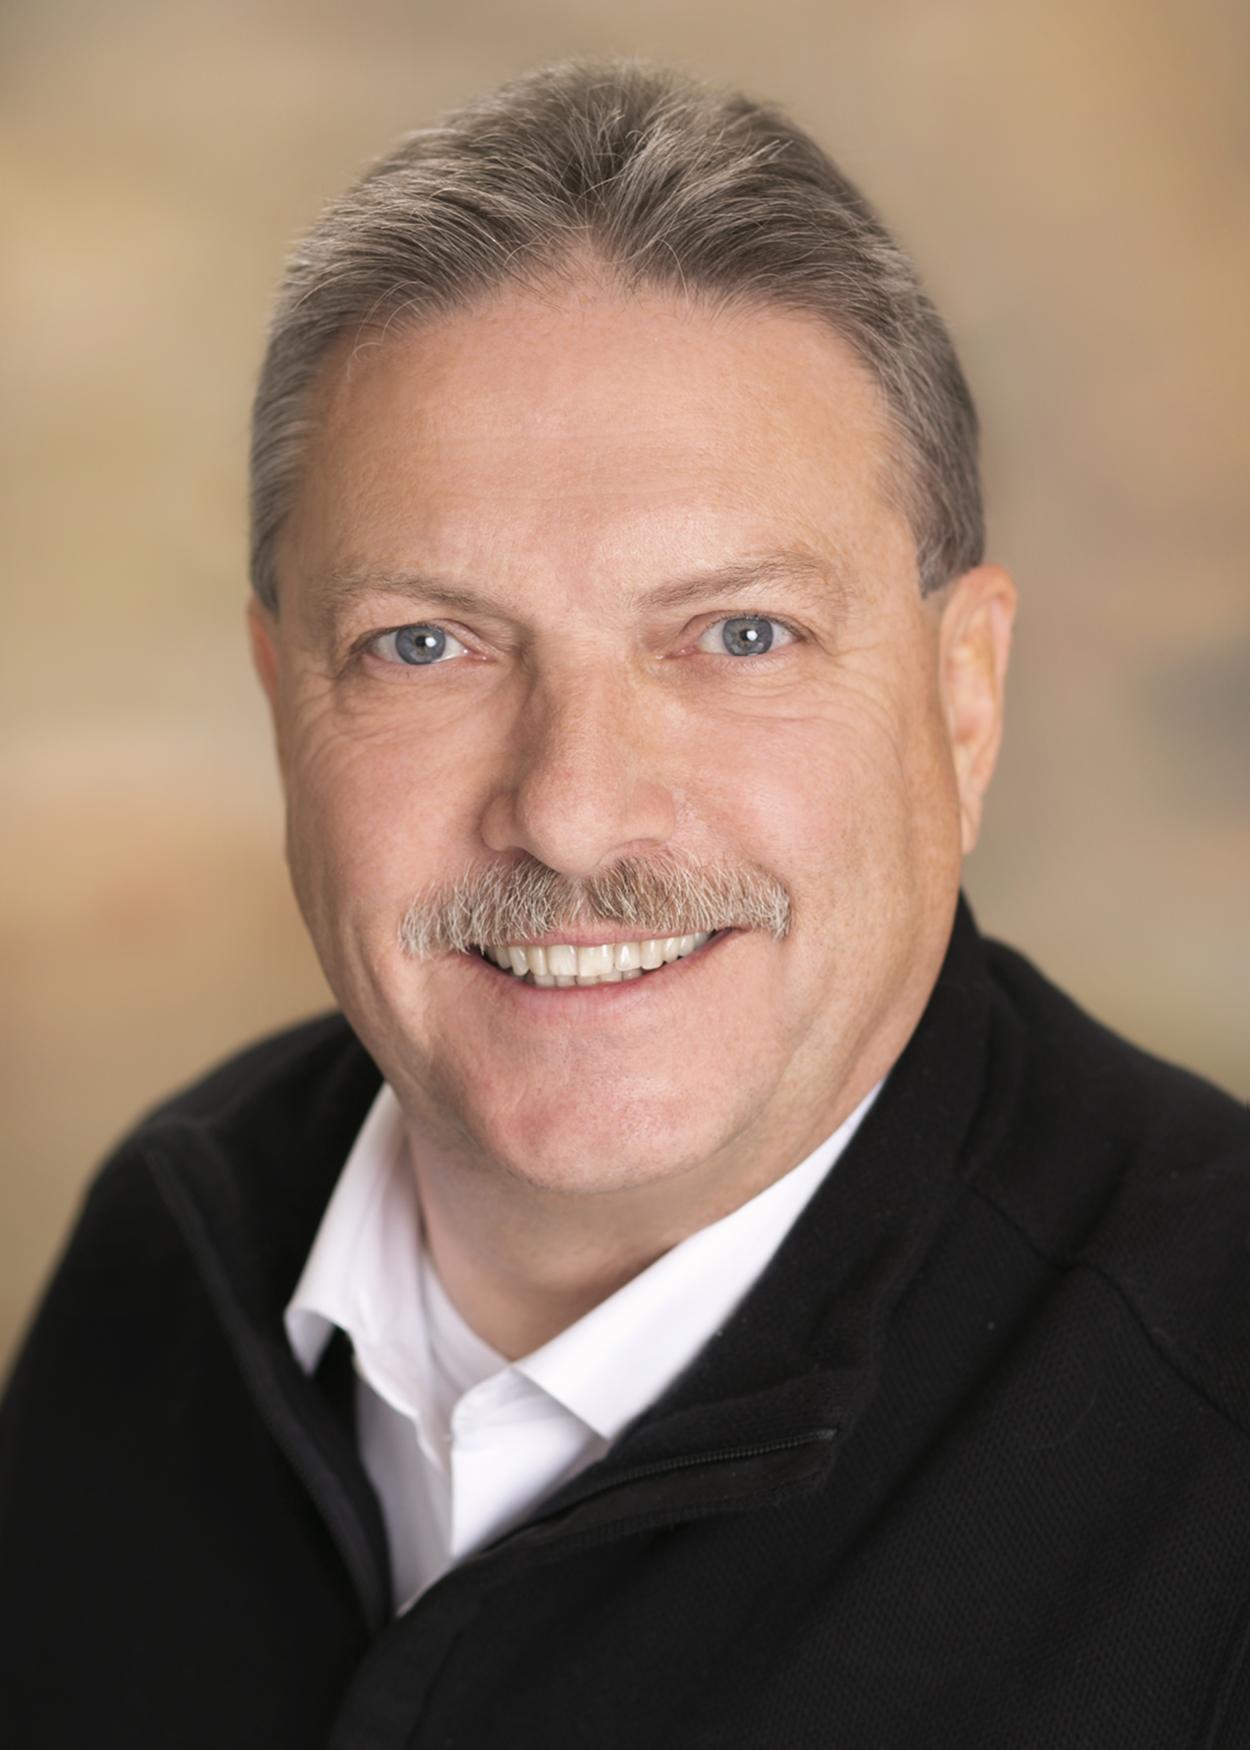 Keith Hanlon